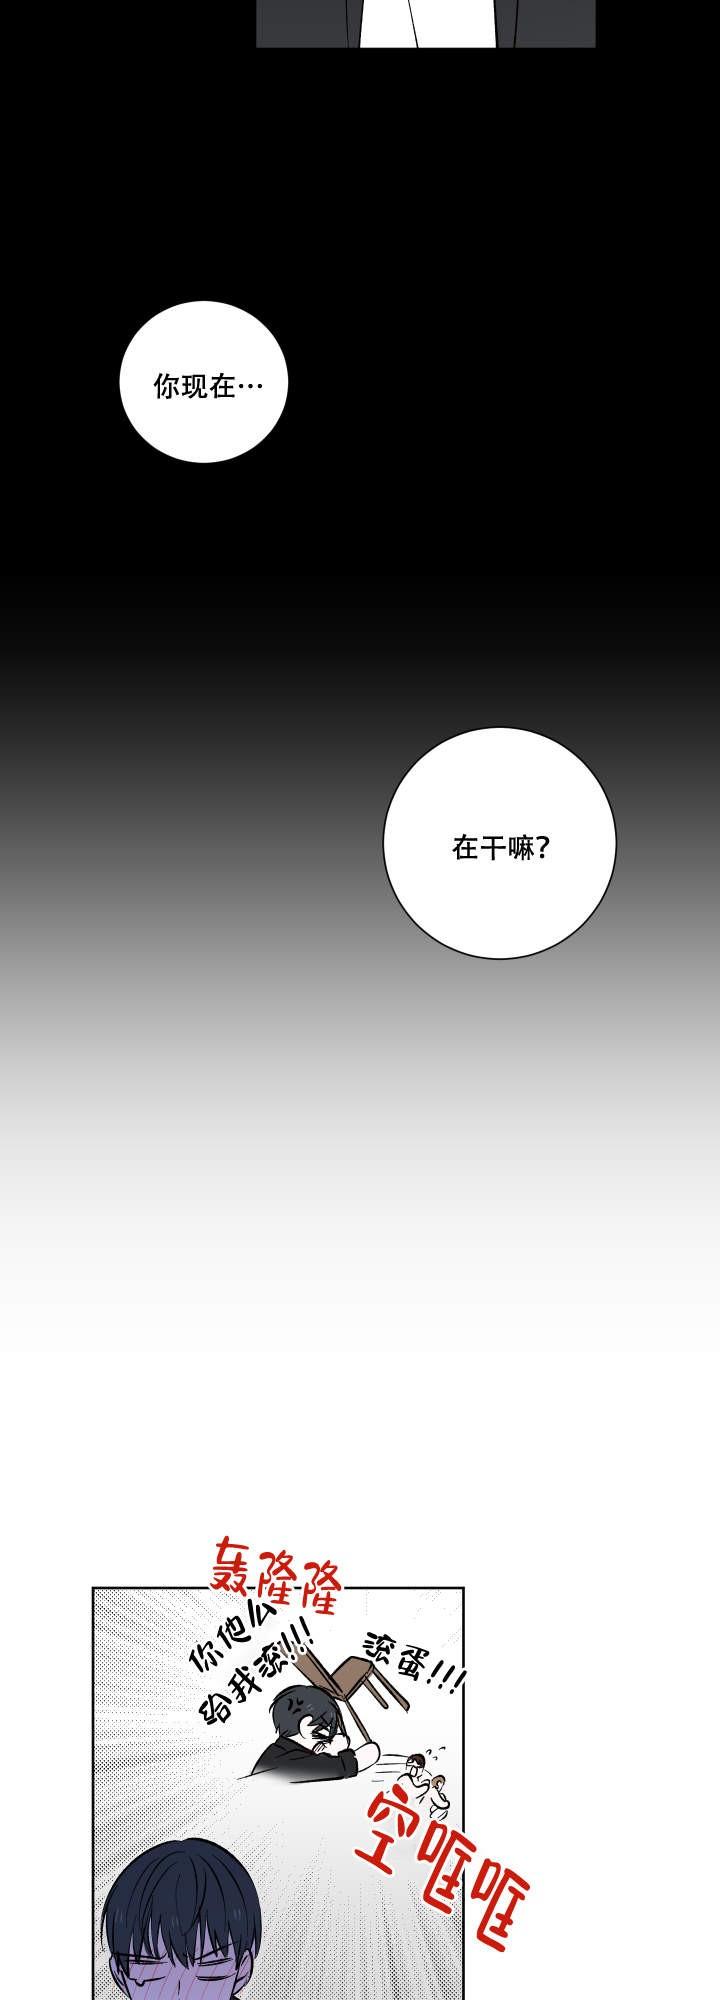 亲爱的选我-免费漫画完整版全集_最新连载首发更新至19话-啵乐漫画